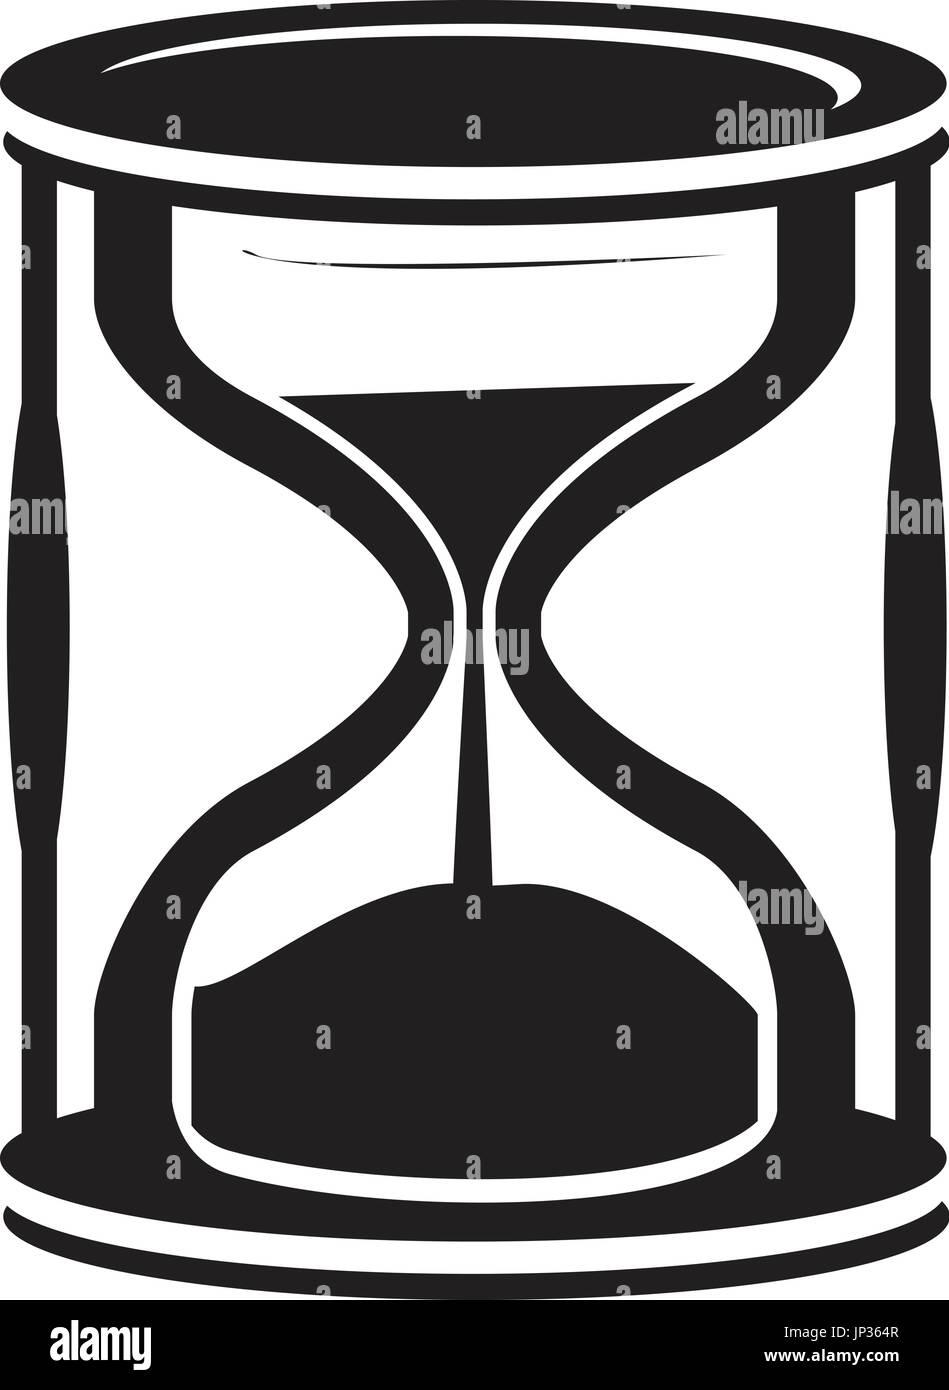 El Icono De Reloj De Arena Negro Aislado Sobre Fondo Blanco